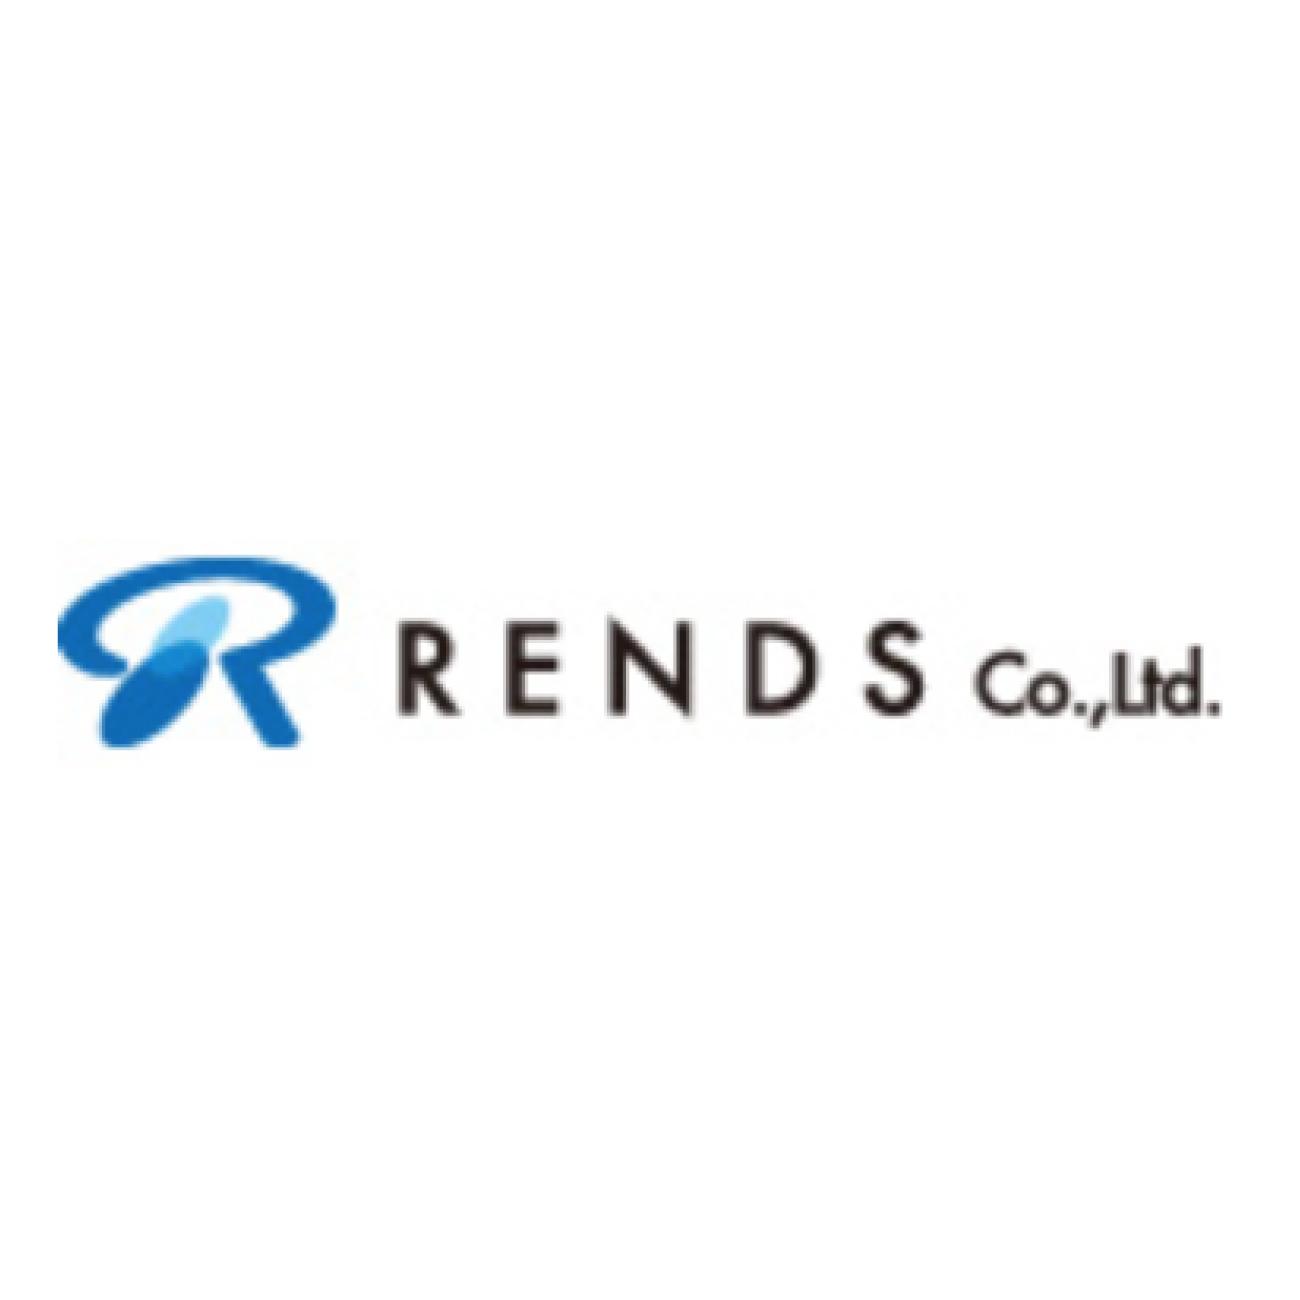 RENDS